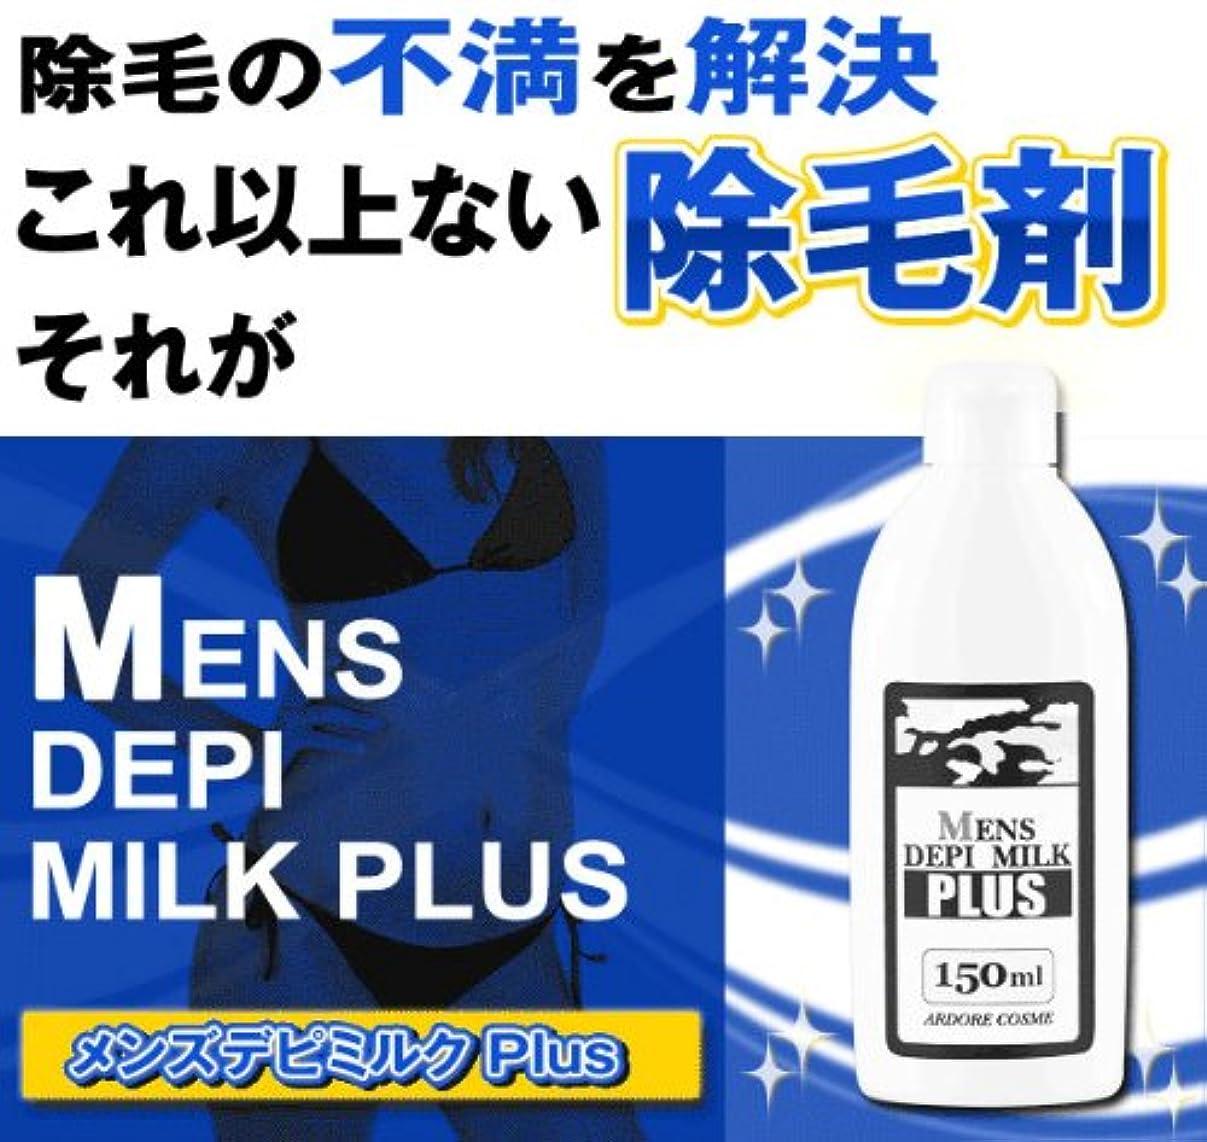 顎数値サーフィン薬用メンズデピミルクプラス 150ml(薬用除毛クリーム)医薬部外品